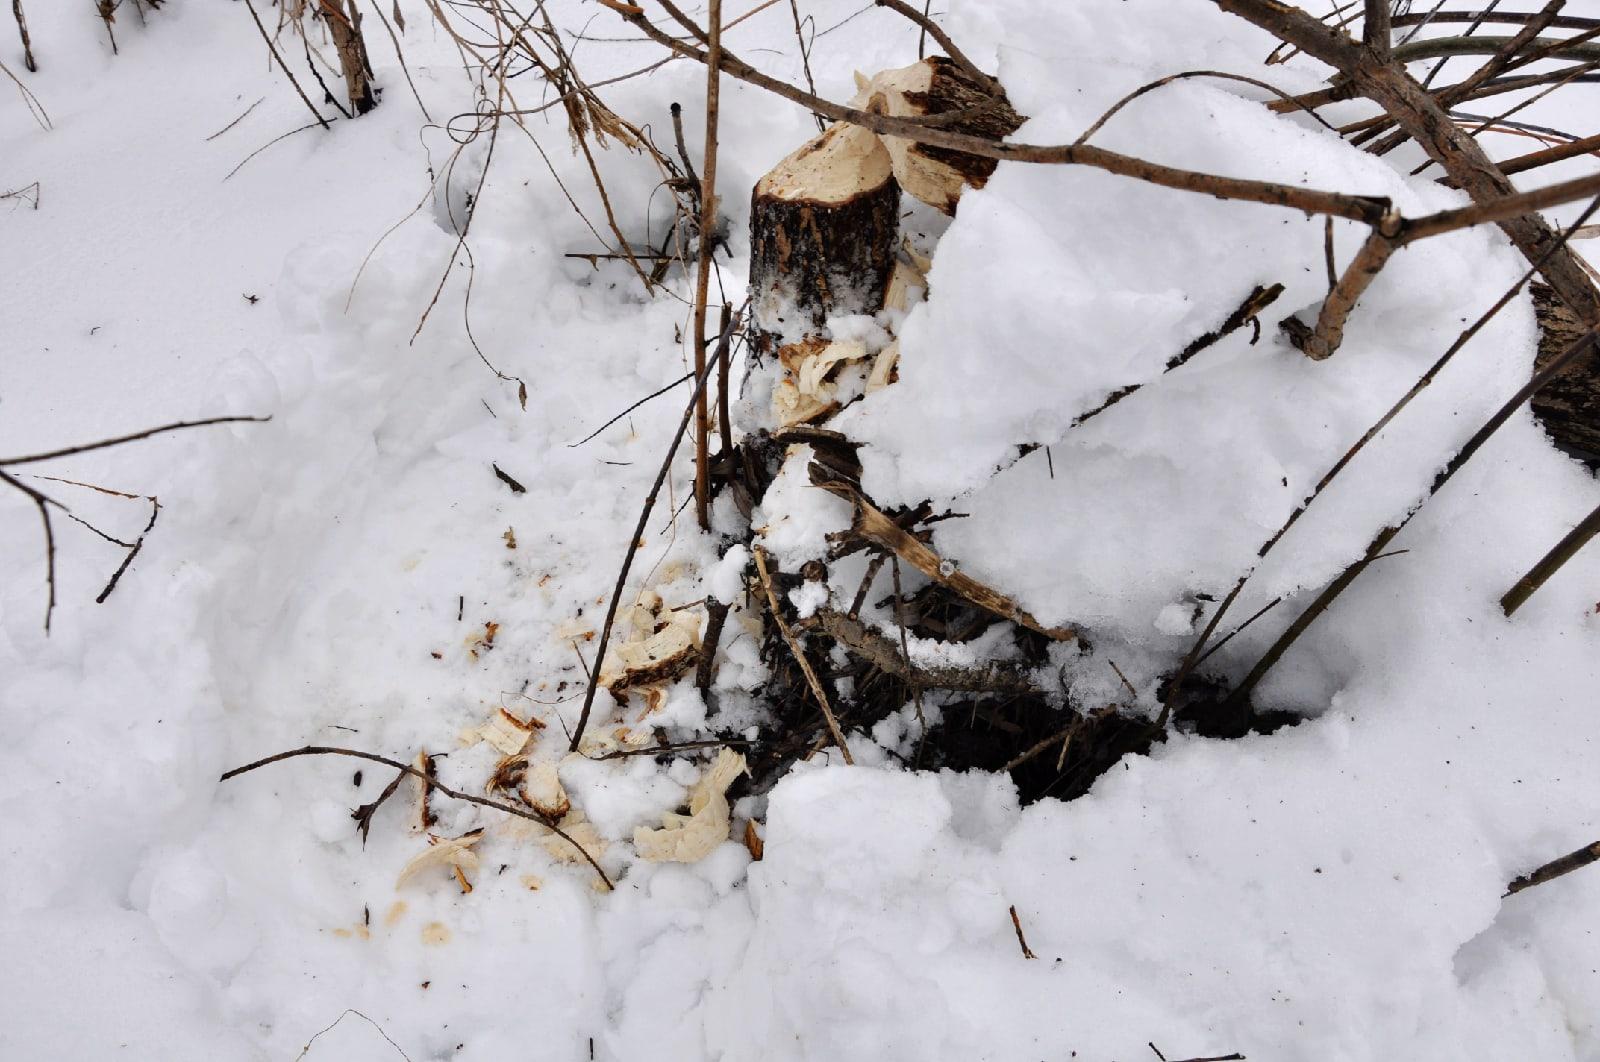 В воронинском заповеднике посчитали количество бобров